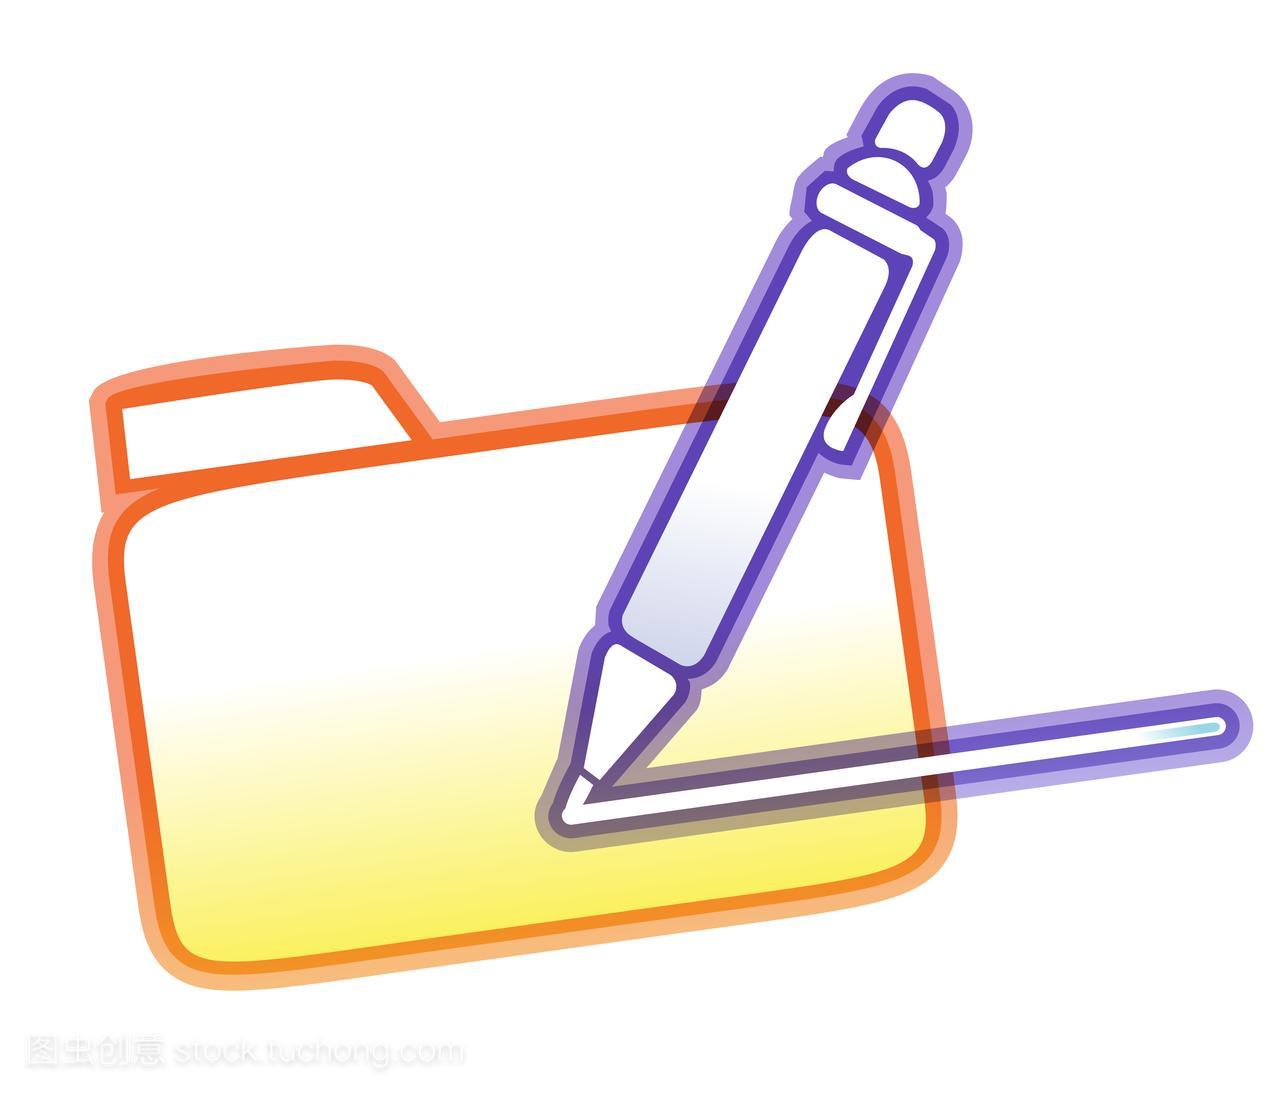 务,公文,名单,便条纸,列举,图纸,剪贴板,便笺,做标便条复频筛图片